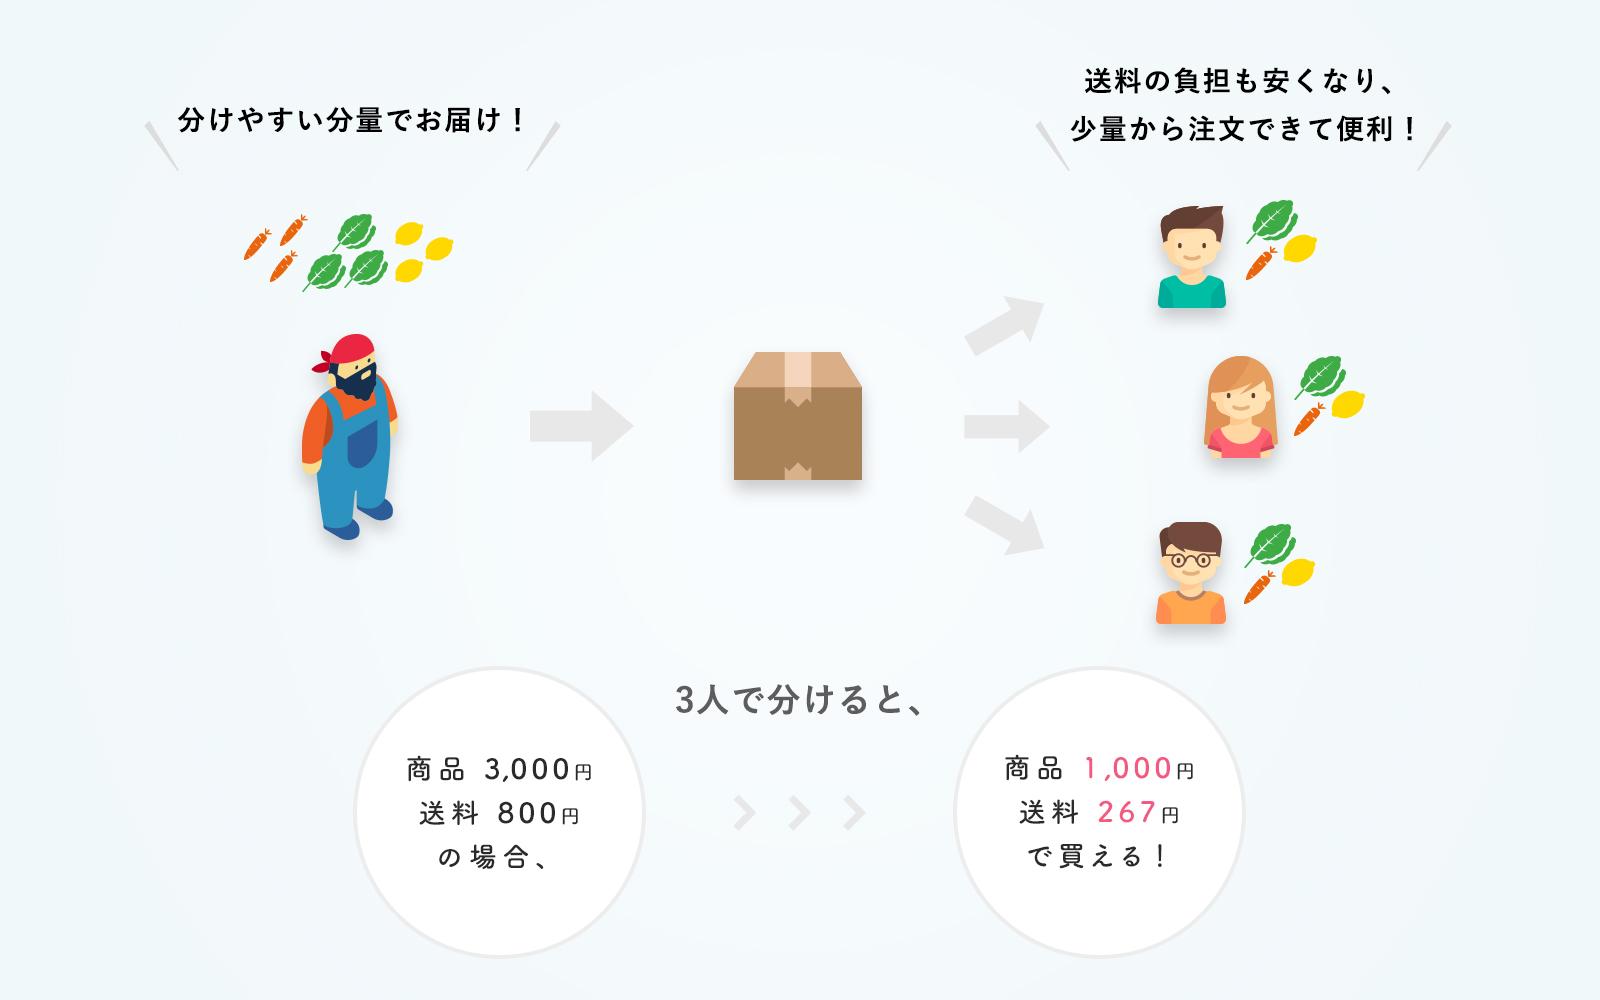 食べチョクの共同購入システムの紹介